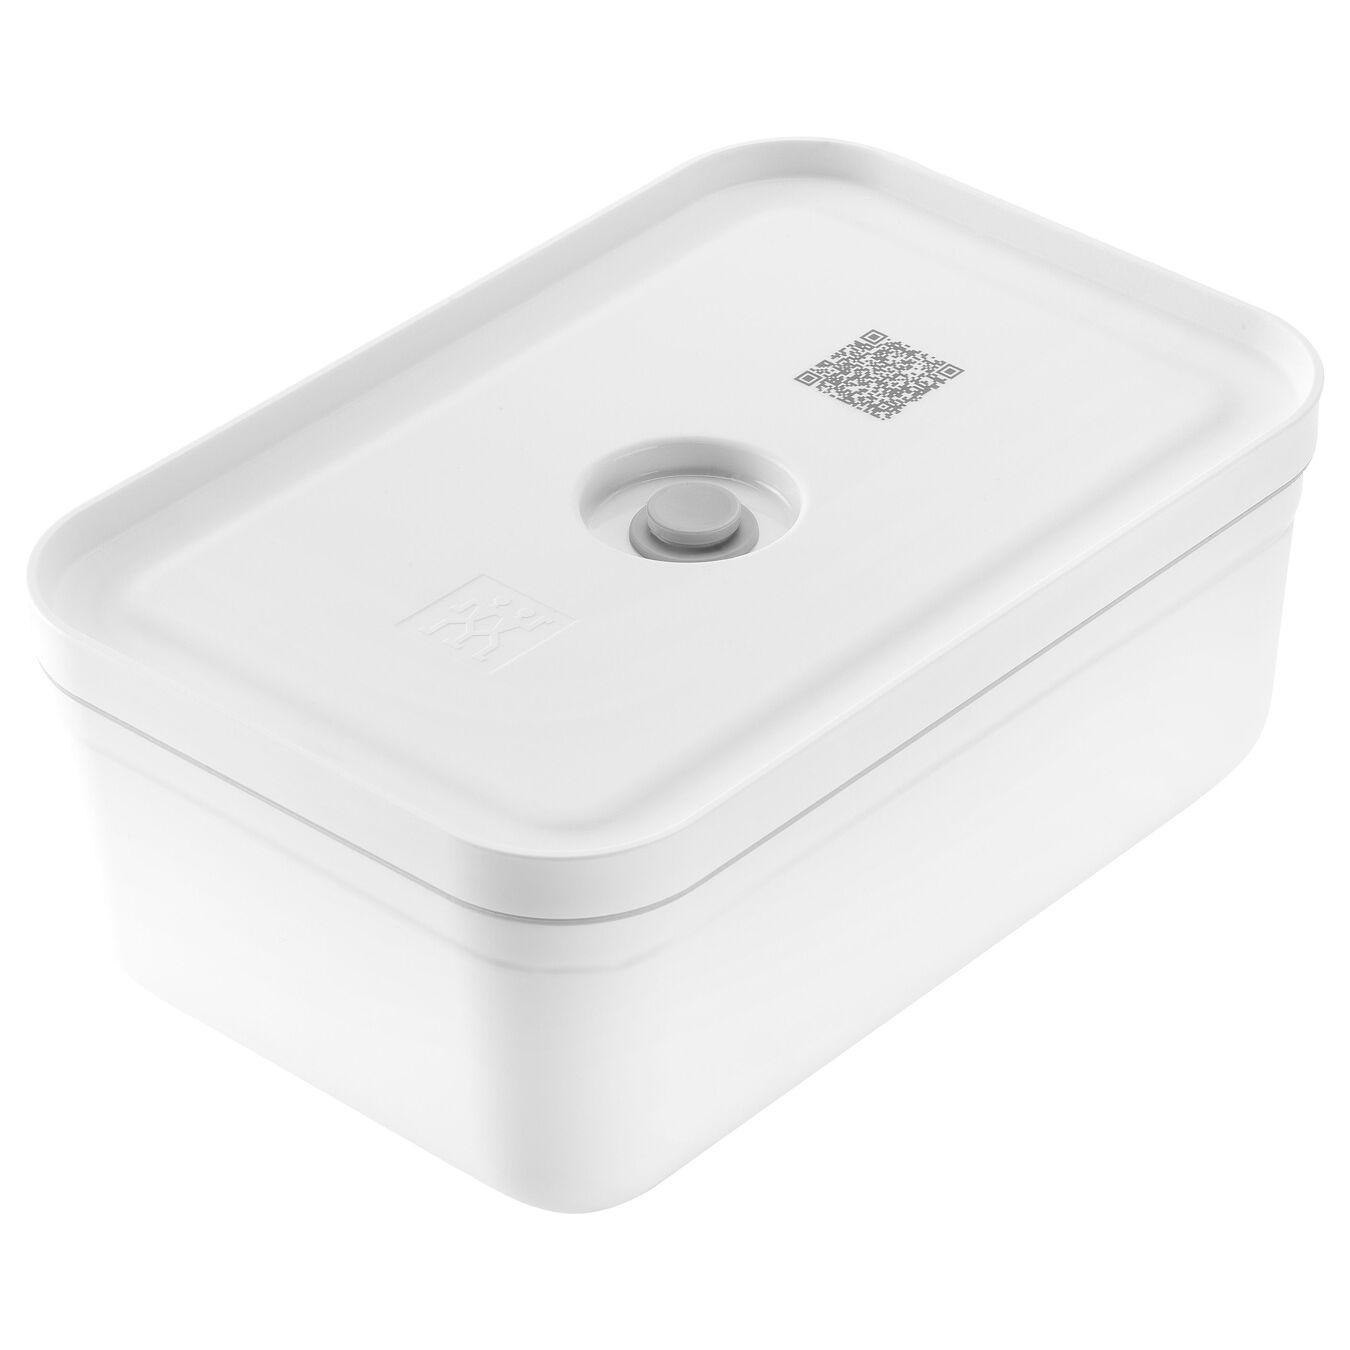 Vacuum lunch box, large, White,,large 1